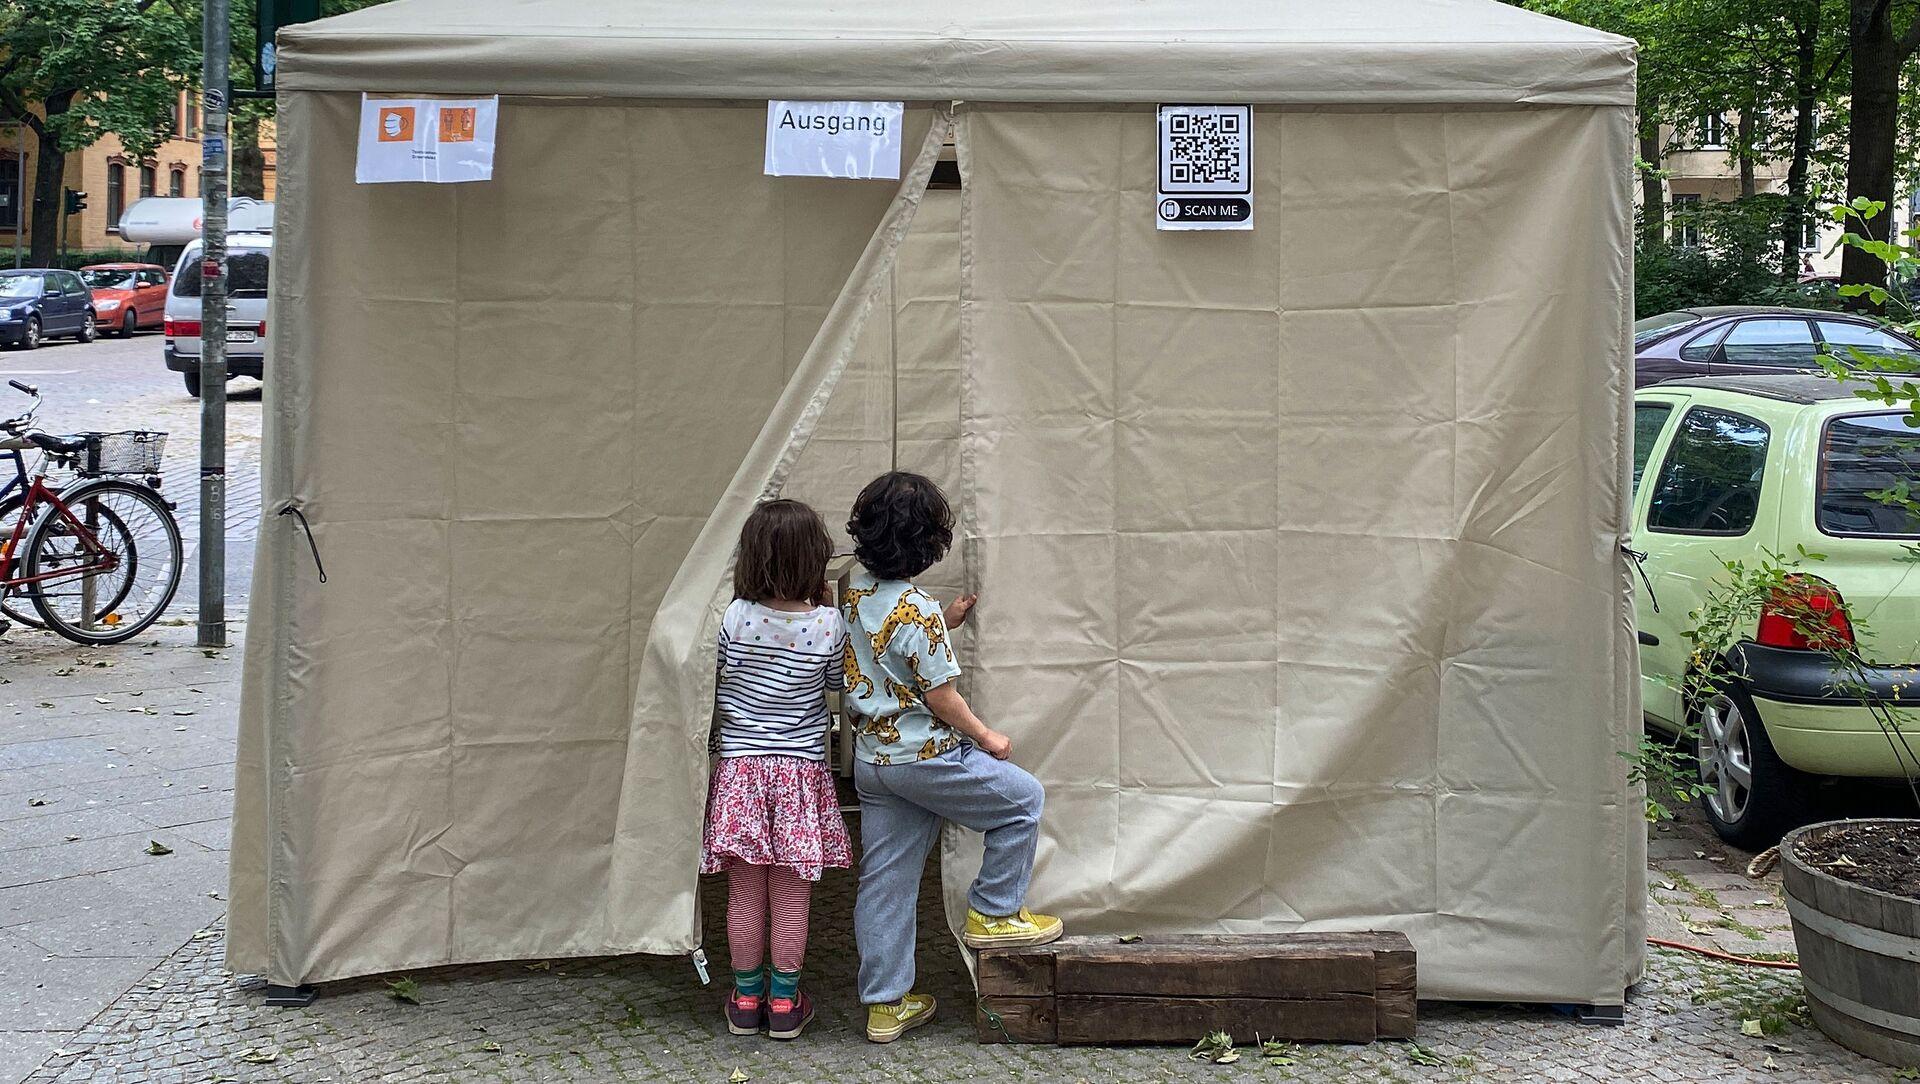 Deux enfants attendent leurs parents devant un lieu de dépistage du Covid-19, à Berlin en Allemagne - Sputnik France, 1920, 31.07.2021